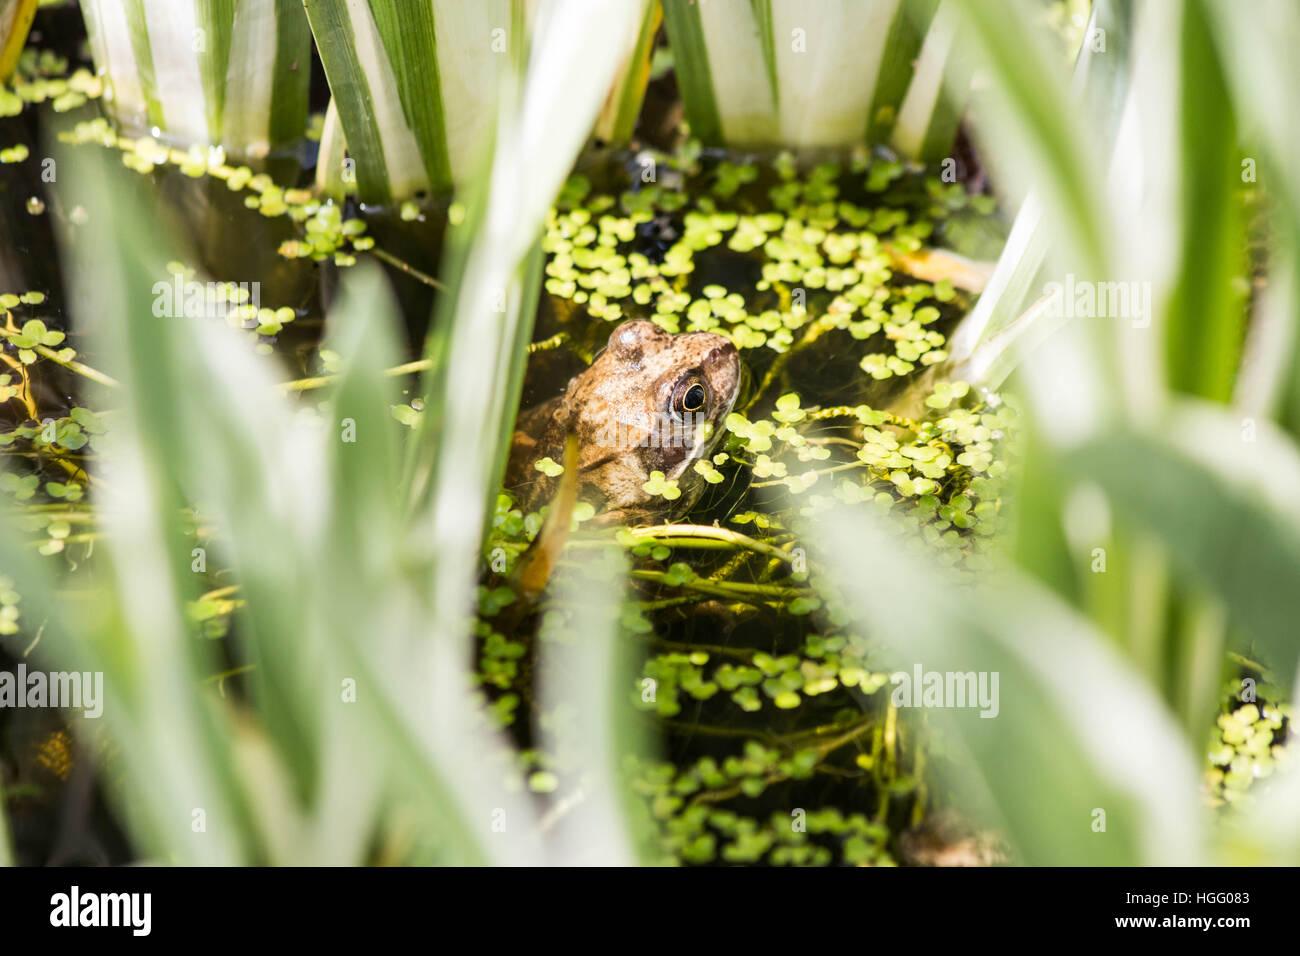 Common Frog in duckweed - Stock Image